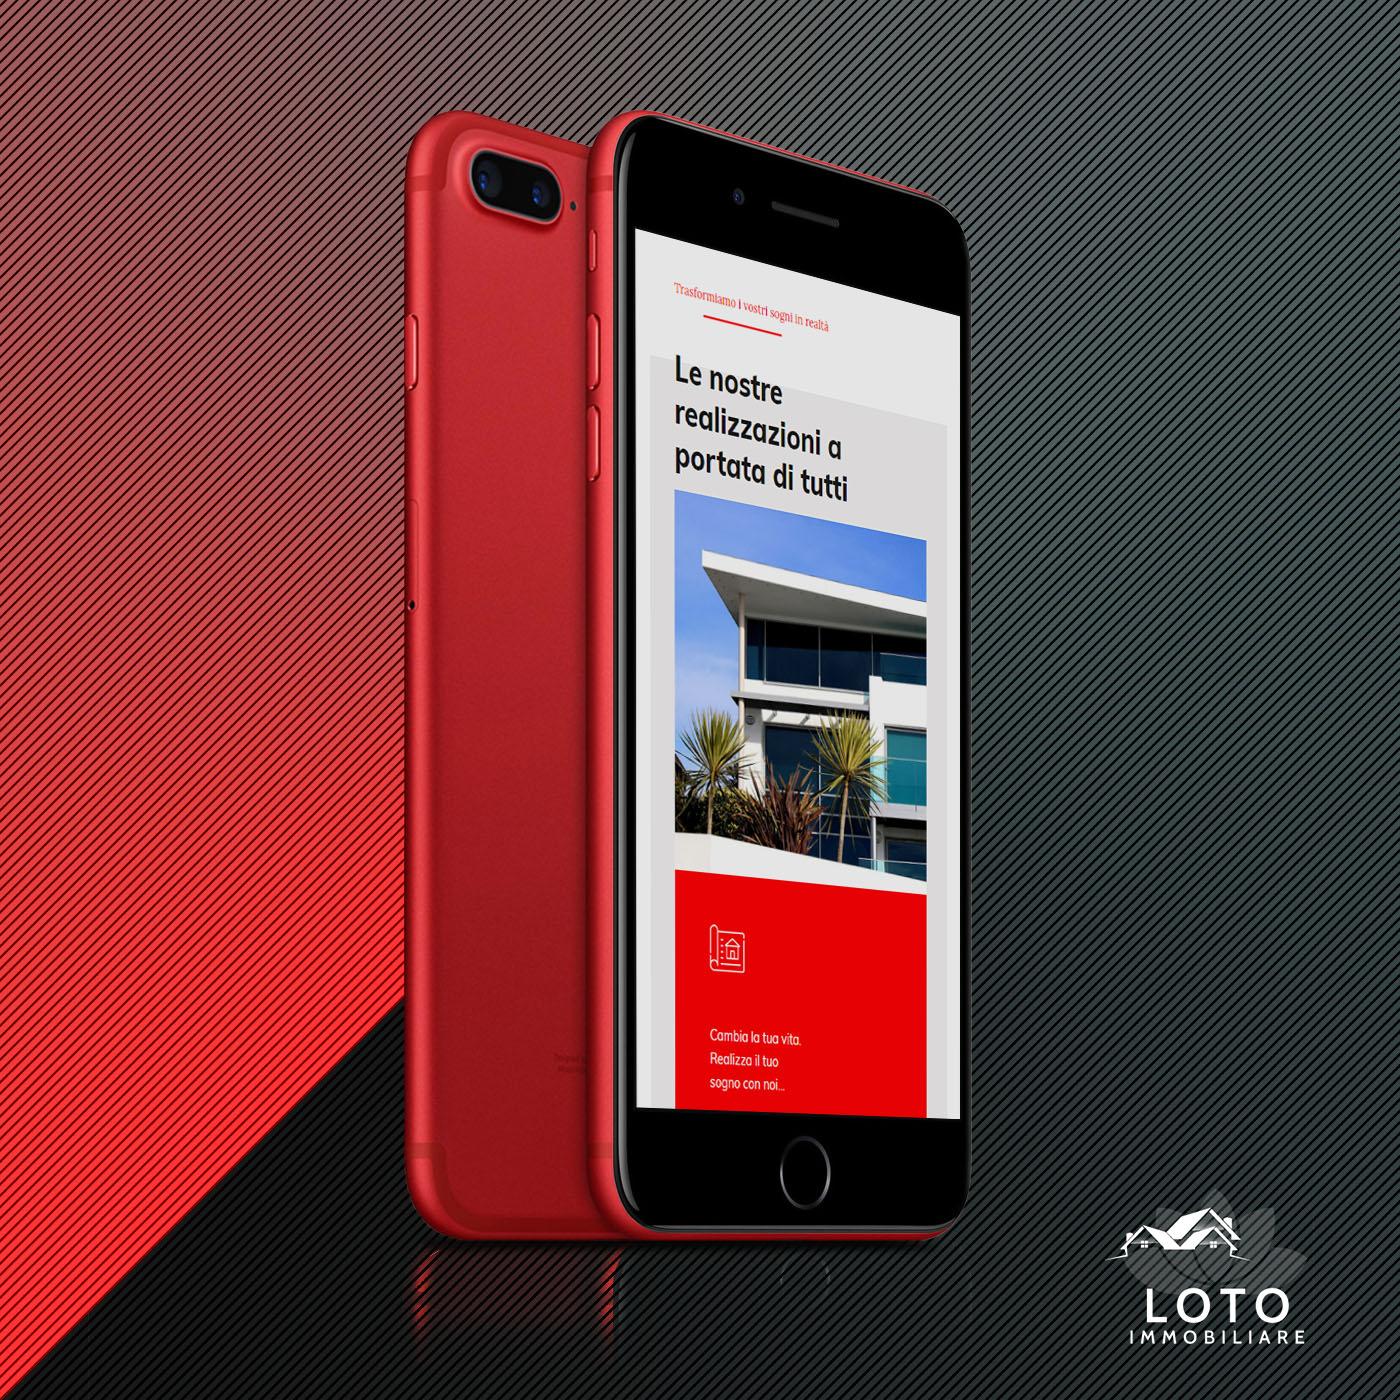 Loto mobile2